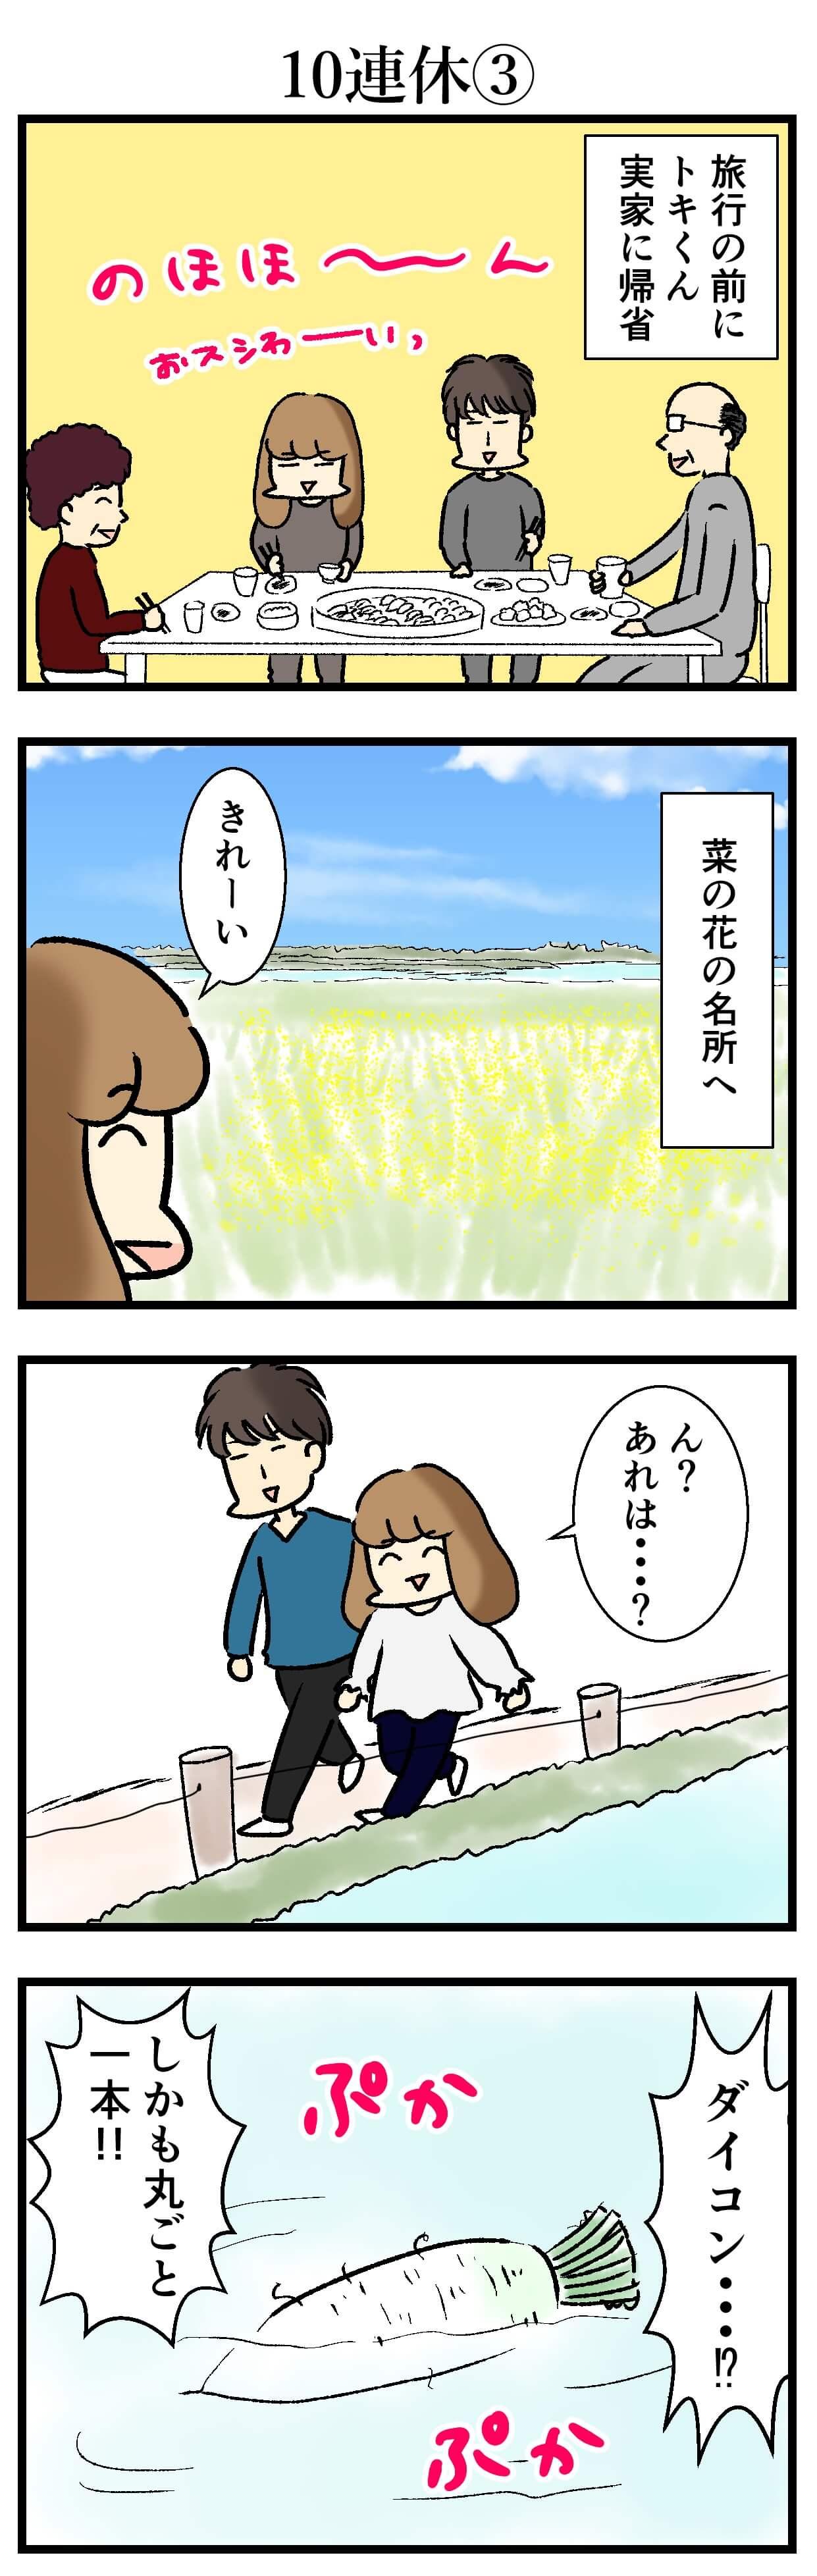 【エッセイ漫画】アラサー主婦くま子のふがいない日常(115)